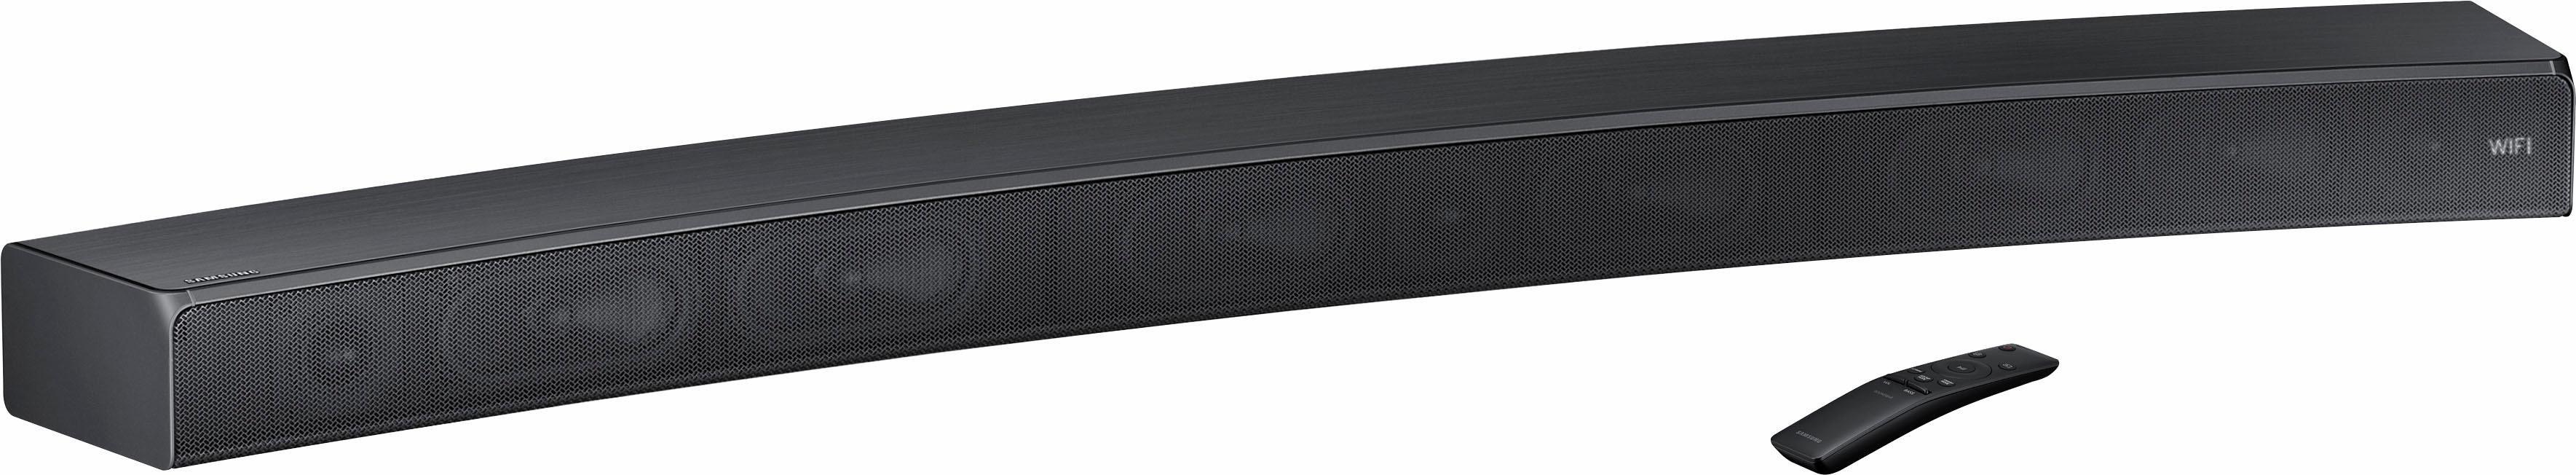 SAMSUNG HW-MS-6500EN/6501EN soundbar (Bluetooth, WLAN, MultiRoom) nu online kopen bij OTTO